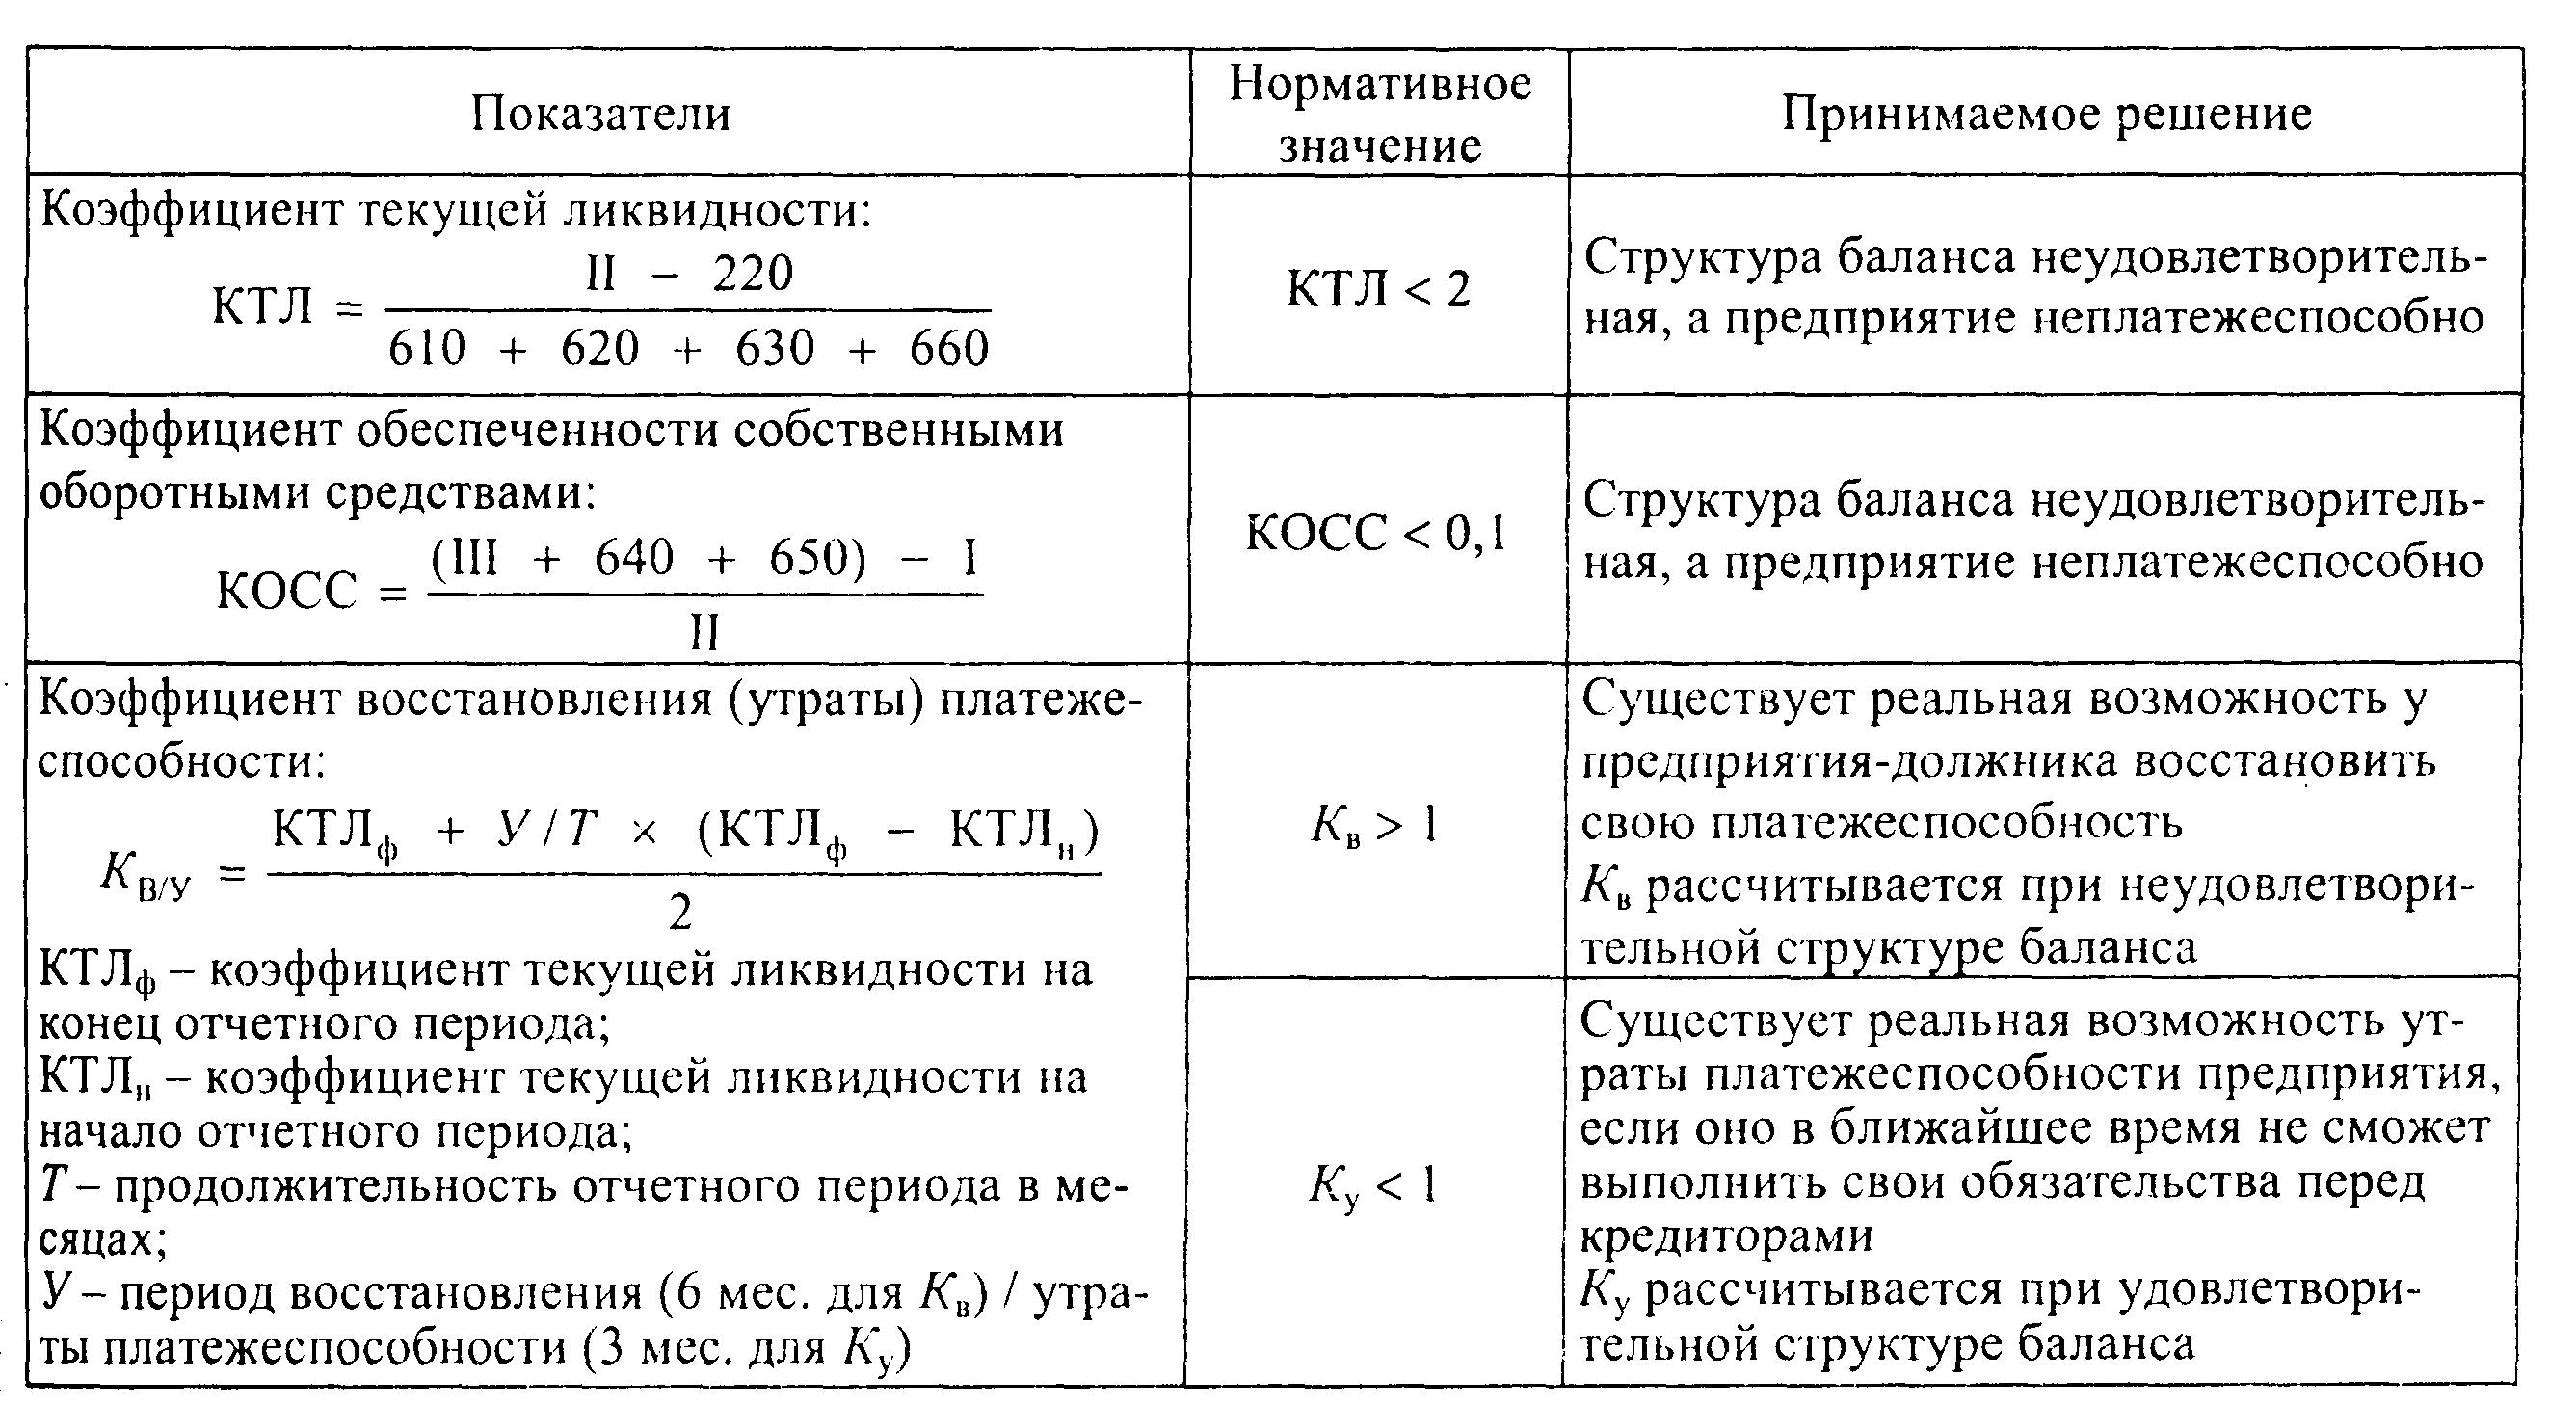 Ликвидность простыми словами